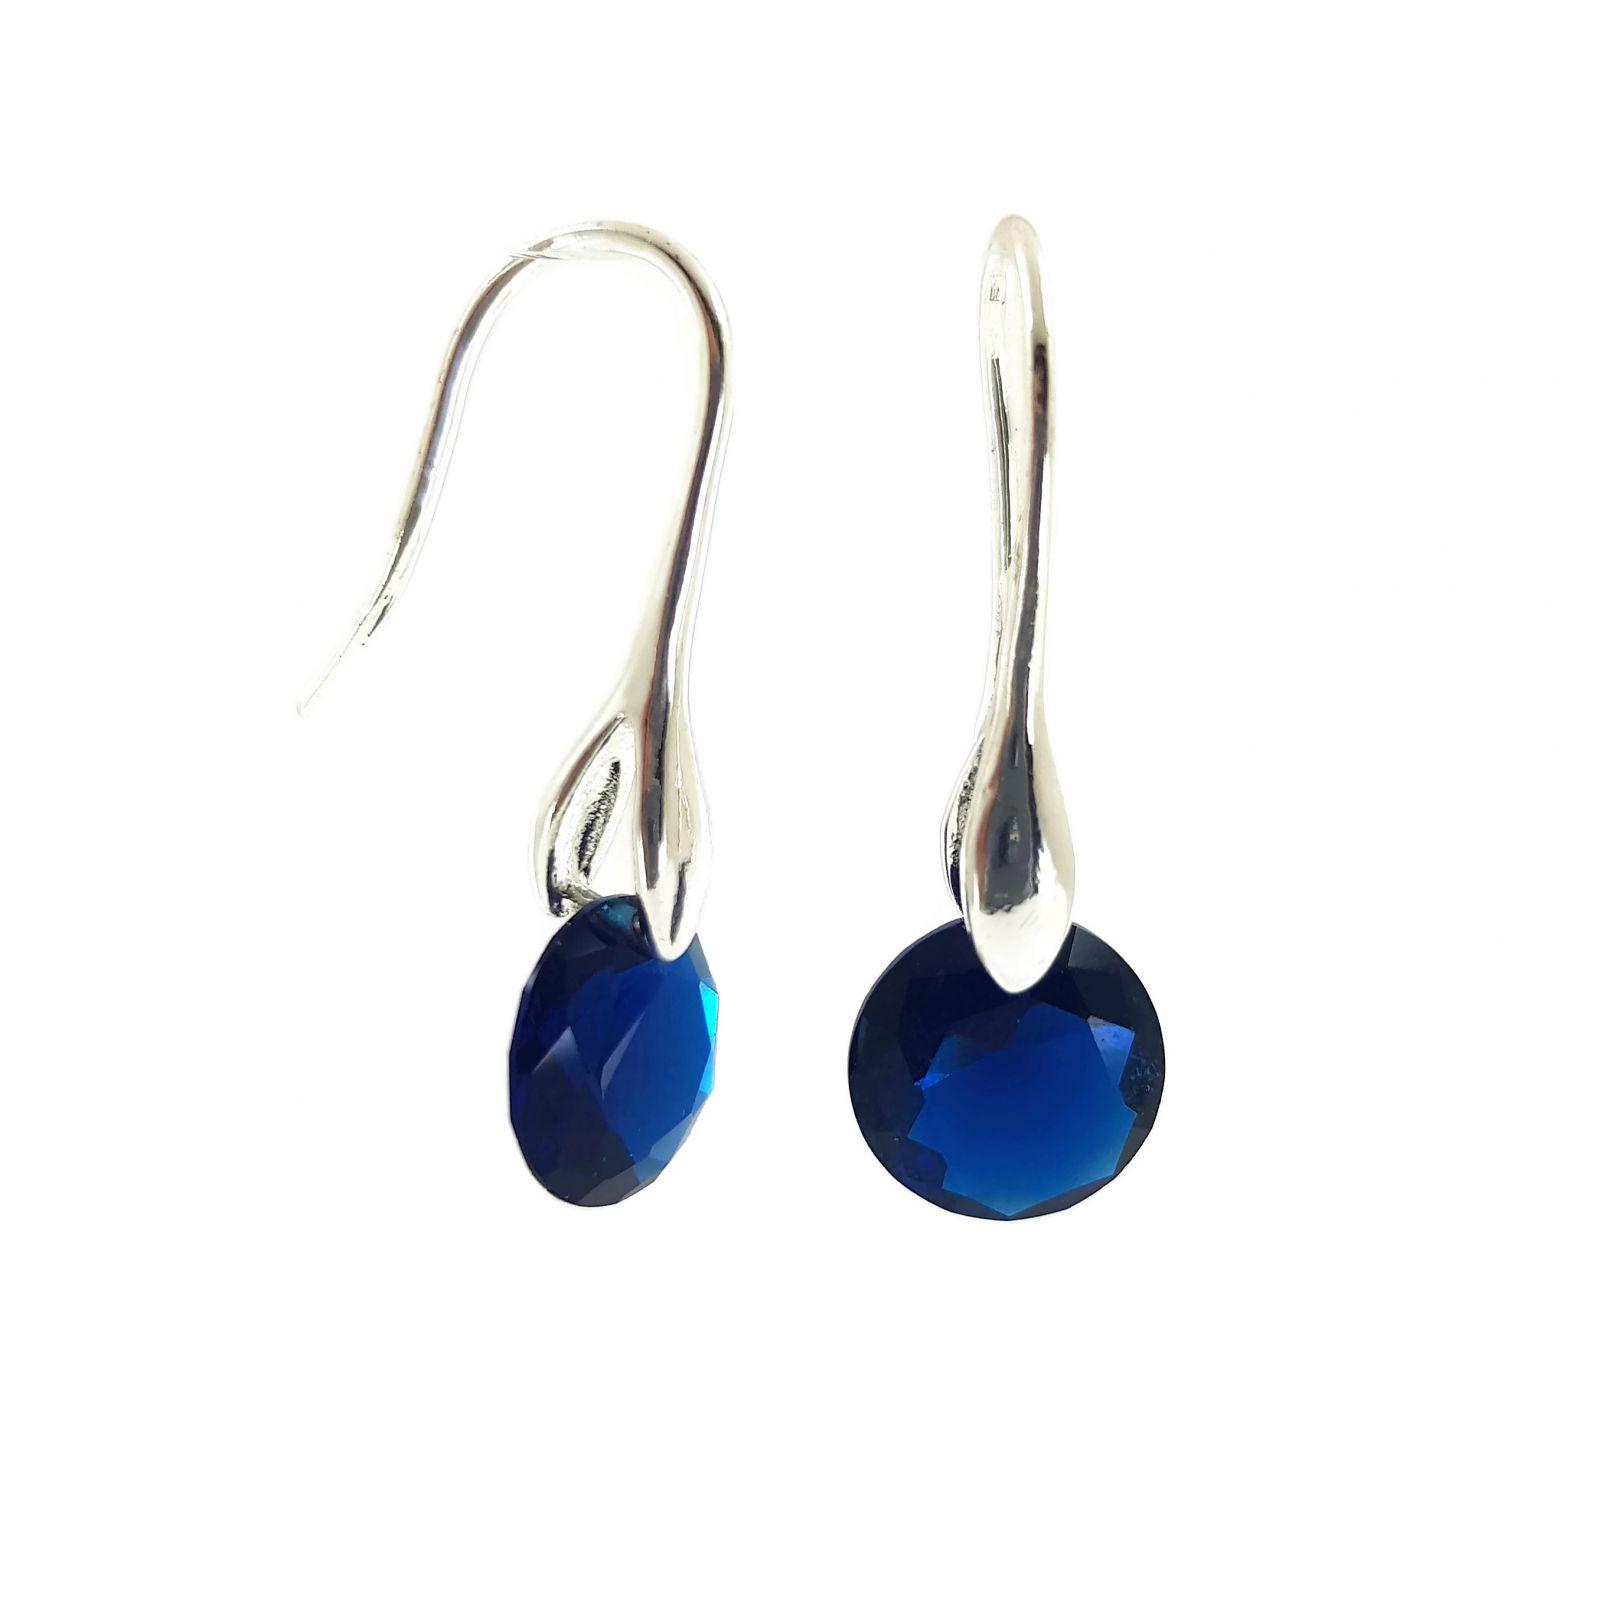 Náušnice s tmavě modrým malým broušeným kamínkem GIIL